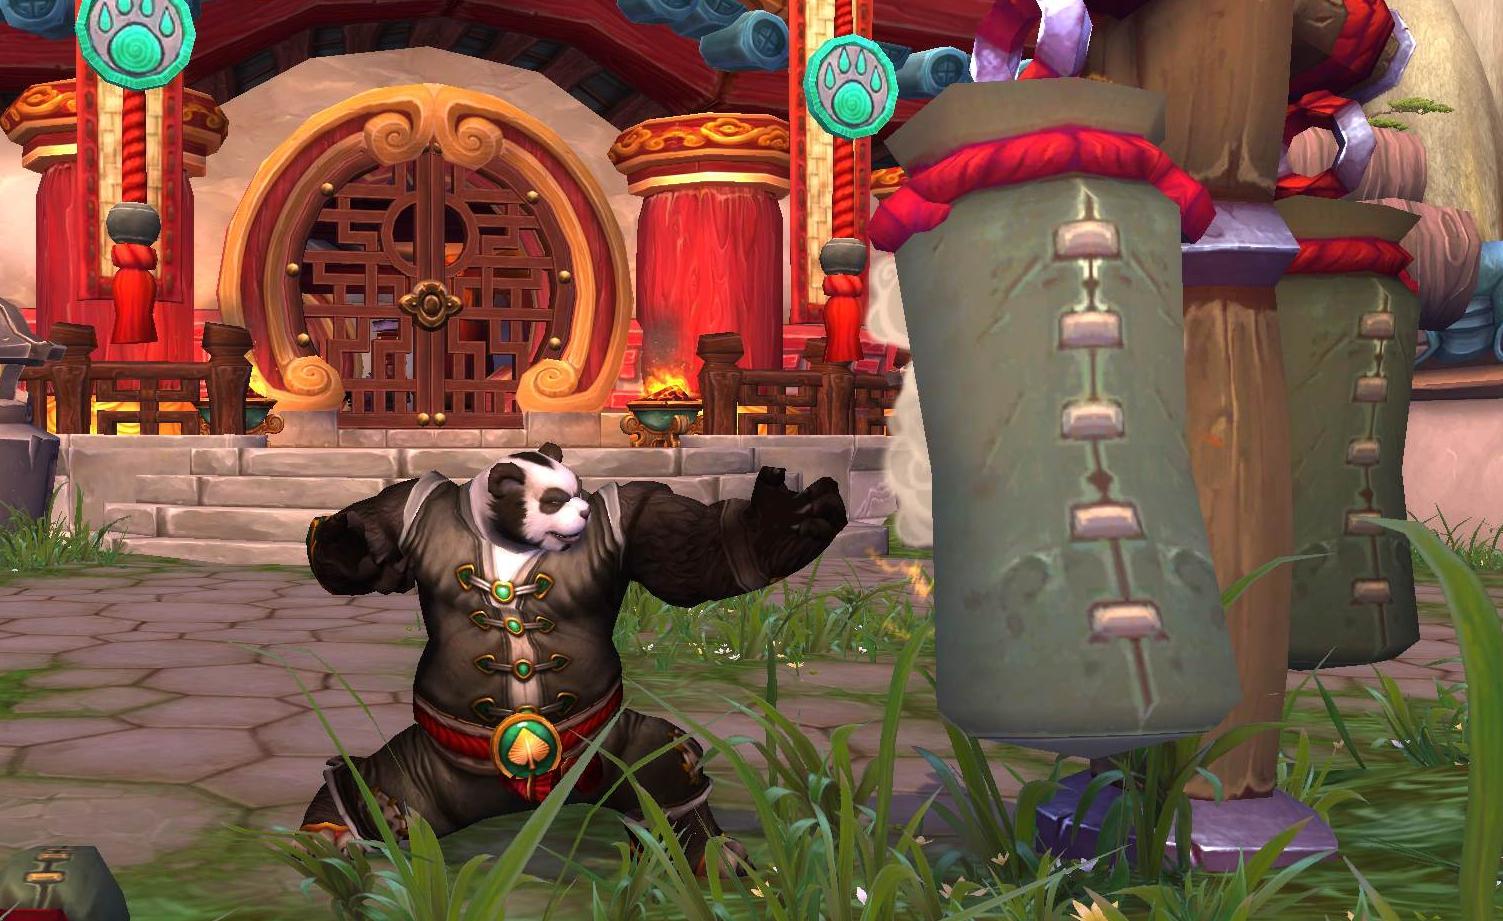 Ataque terrorista en World of Warcraft: Hackeo mata a todos los habitantes de sus ciudades [EPIC FAIL!]